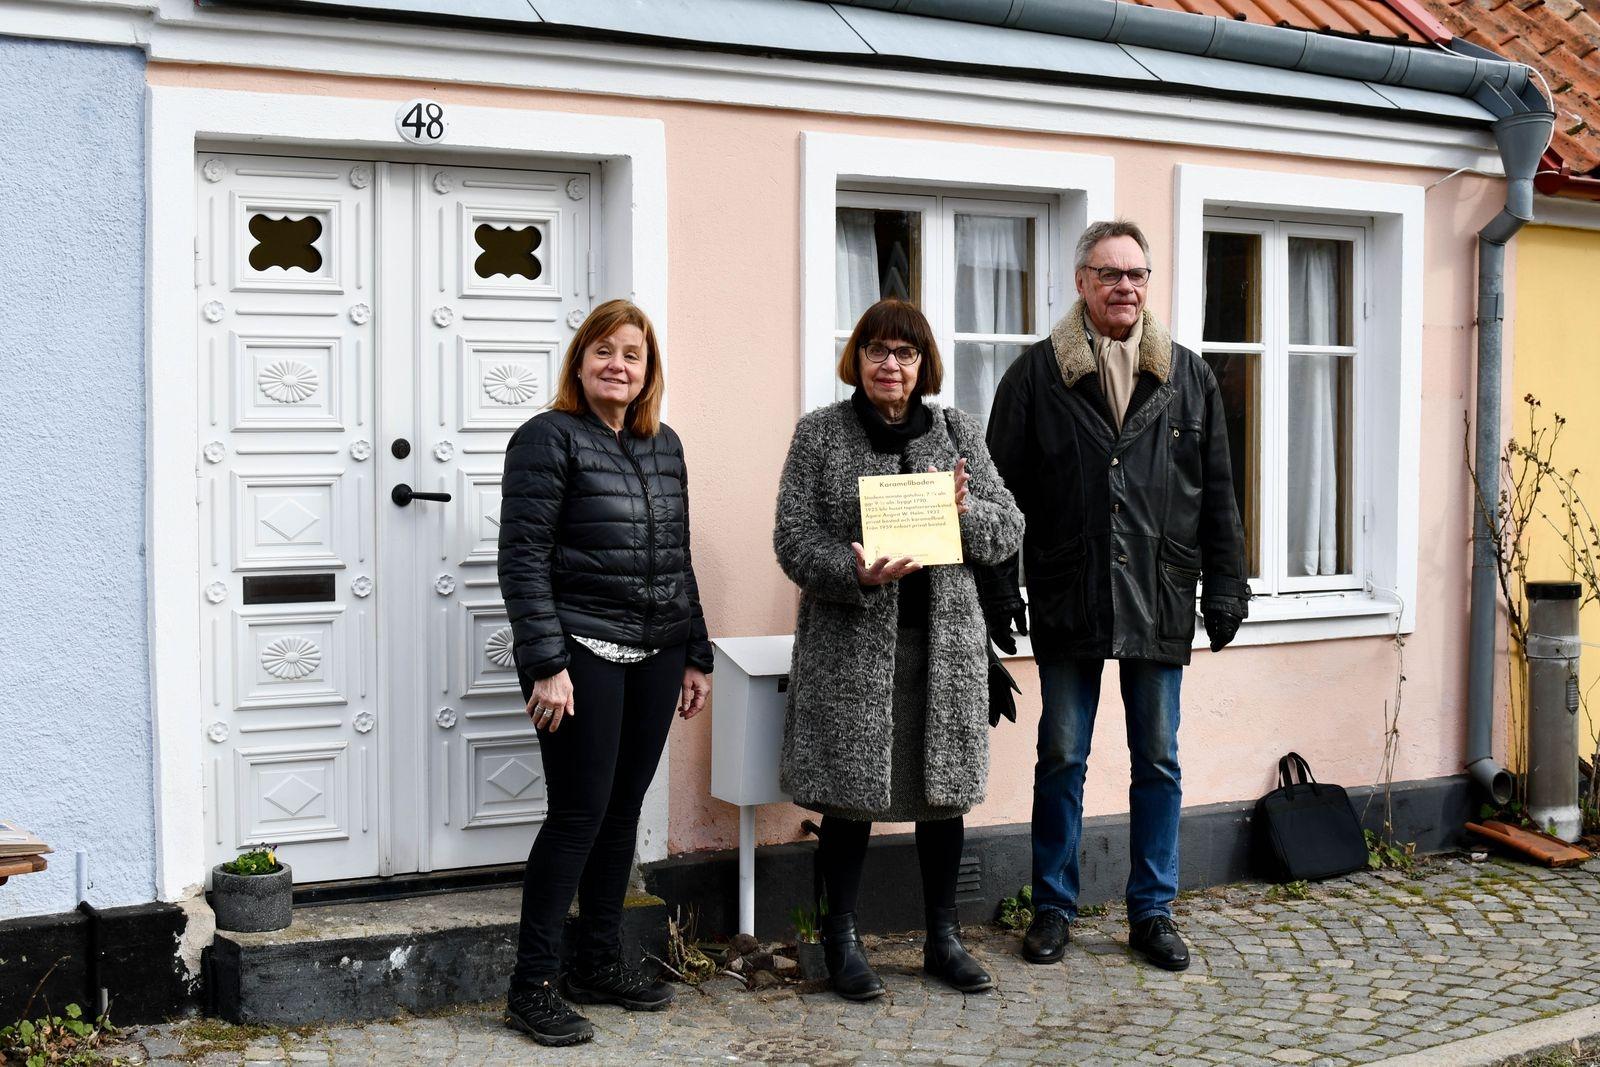 Anna Holms barnbarnsbarn Susanne Rudstedt och barnbarn Ann-Marie Baadstöe Holm och Lars Holm.